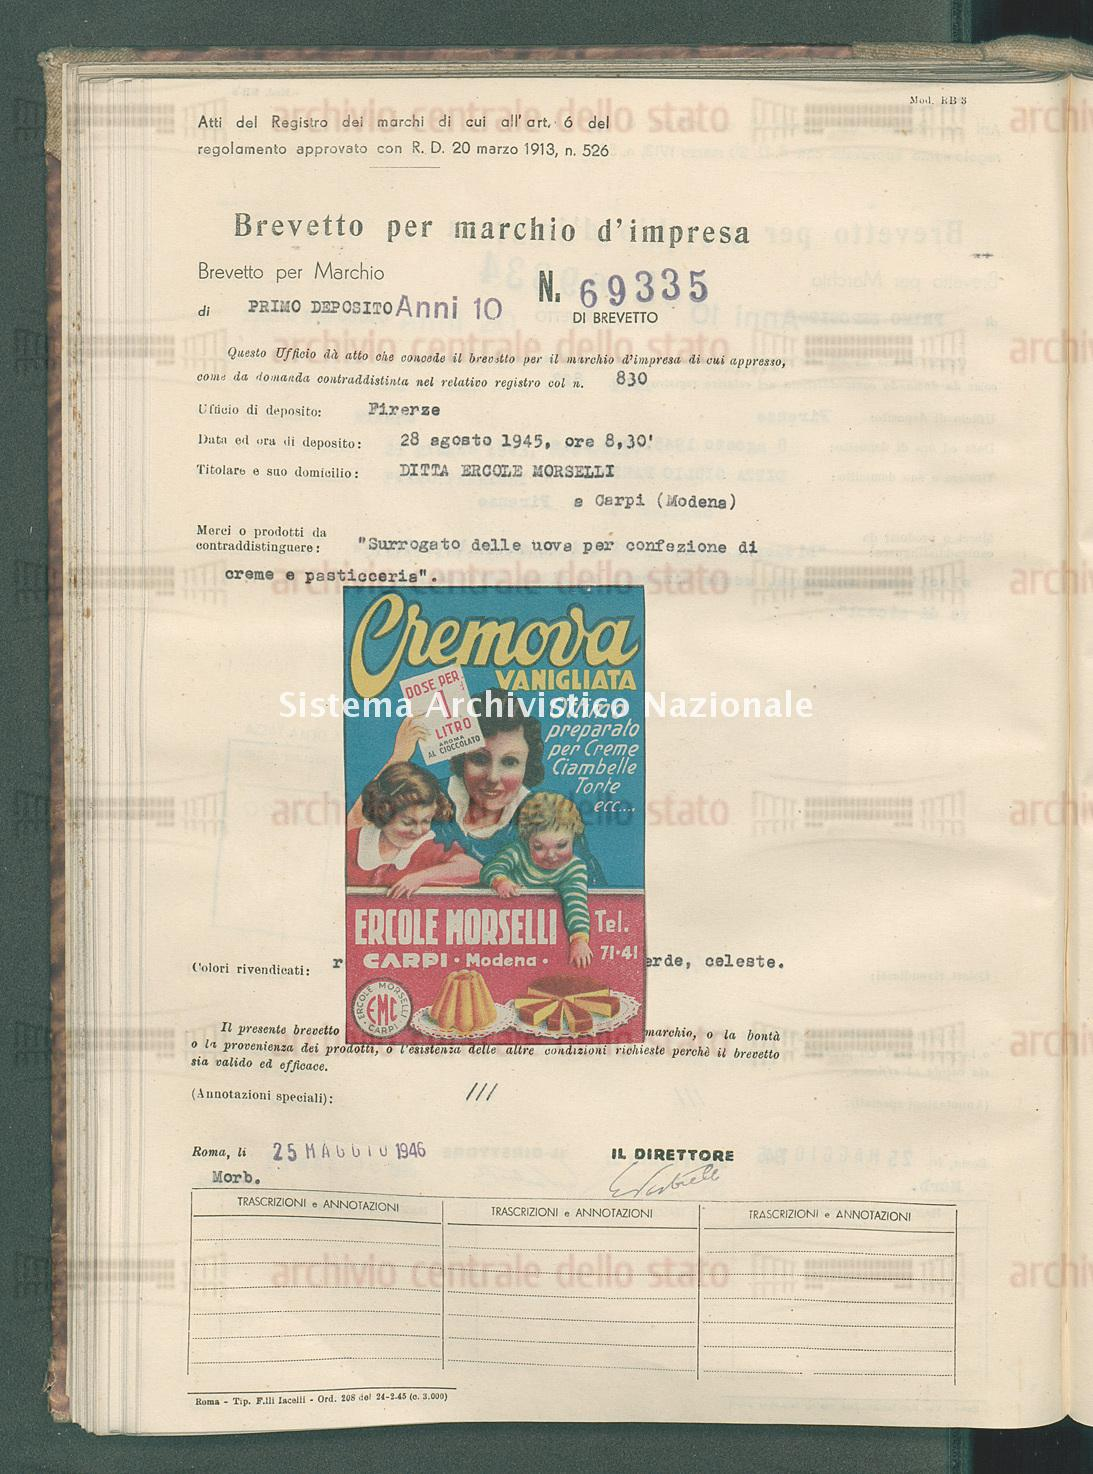 'Surrogato delle uova per confezione di creme e pasticceria' Ditta Ercole Morselli (25/05/1946)